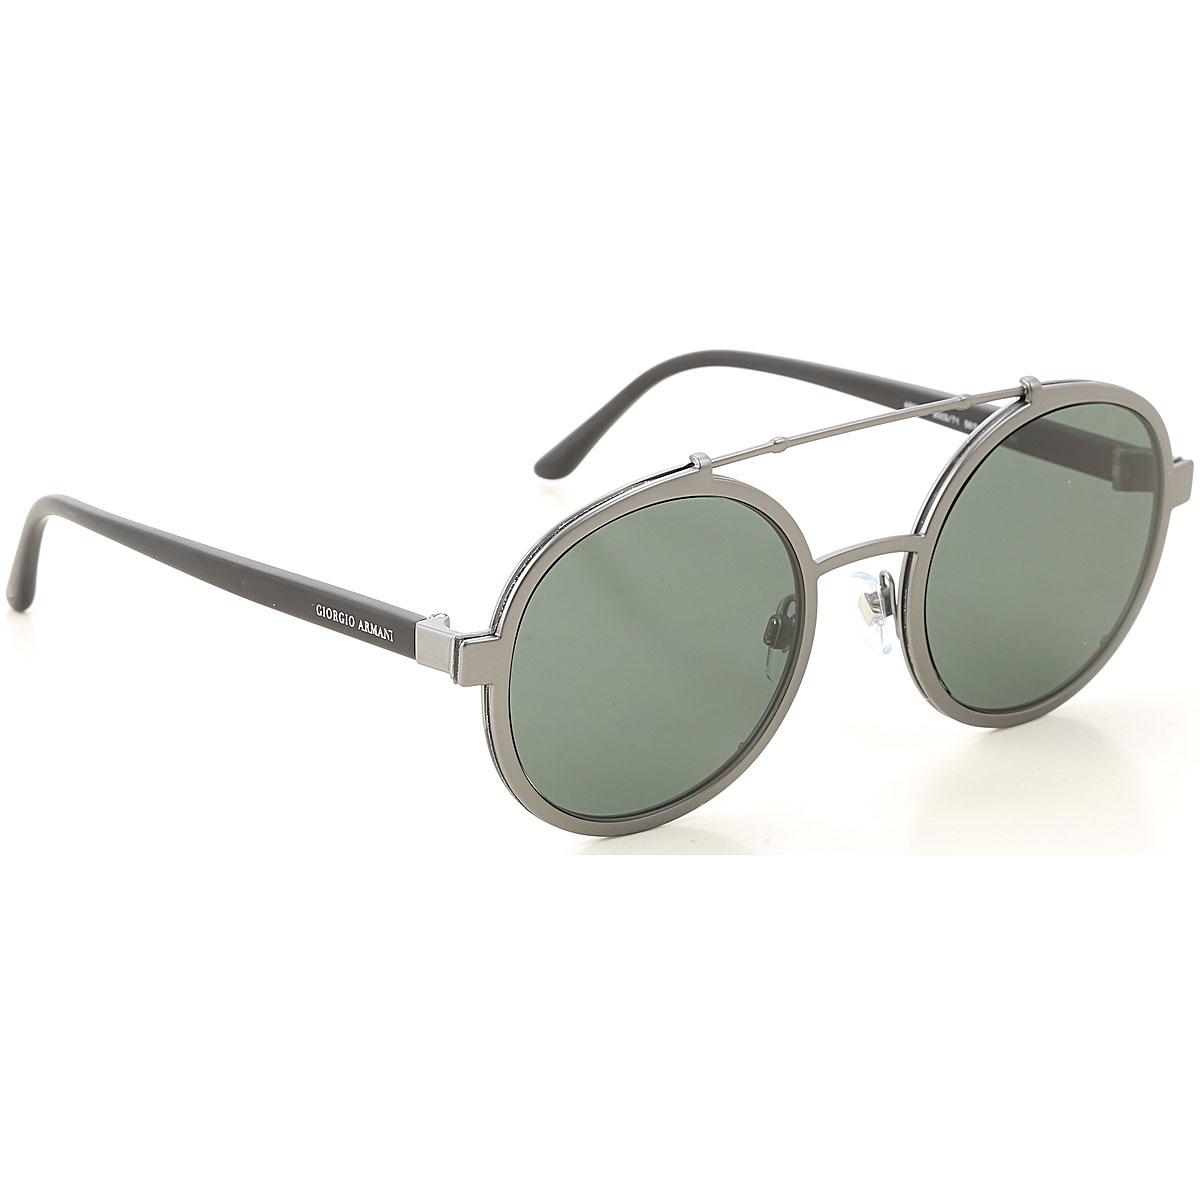 Giorgio Armani Sunglasses On Sale, Matte Rutenium, 2019